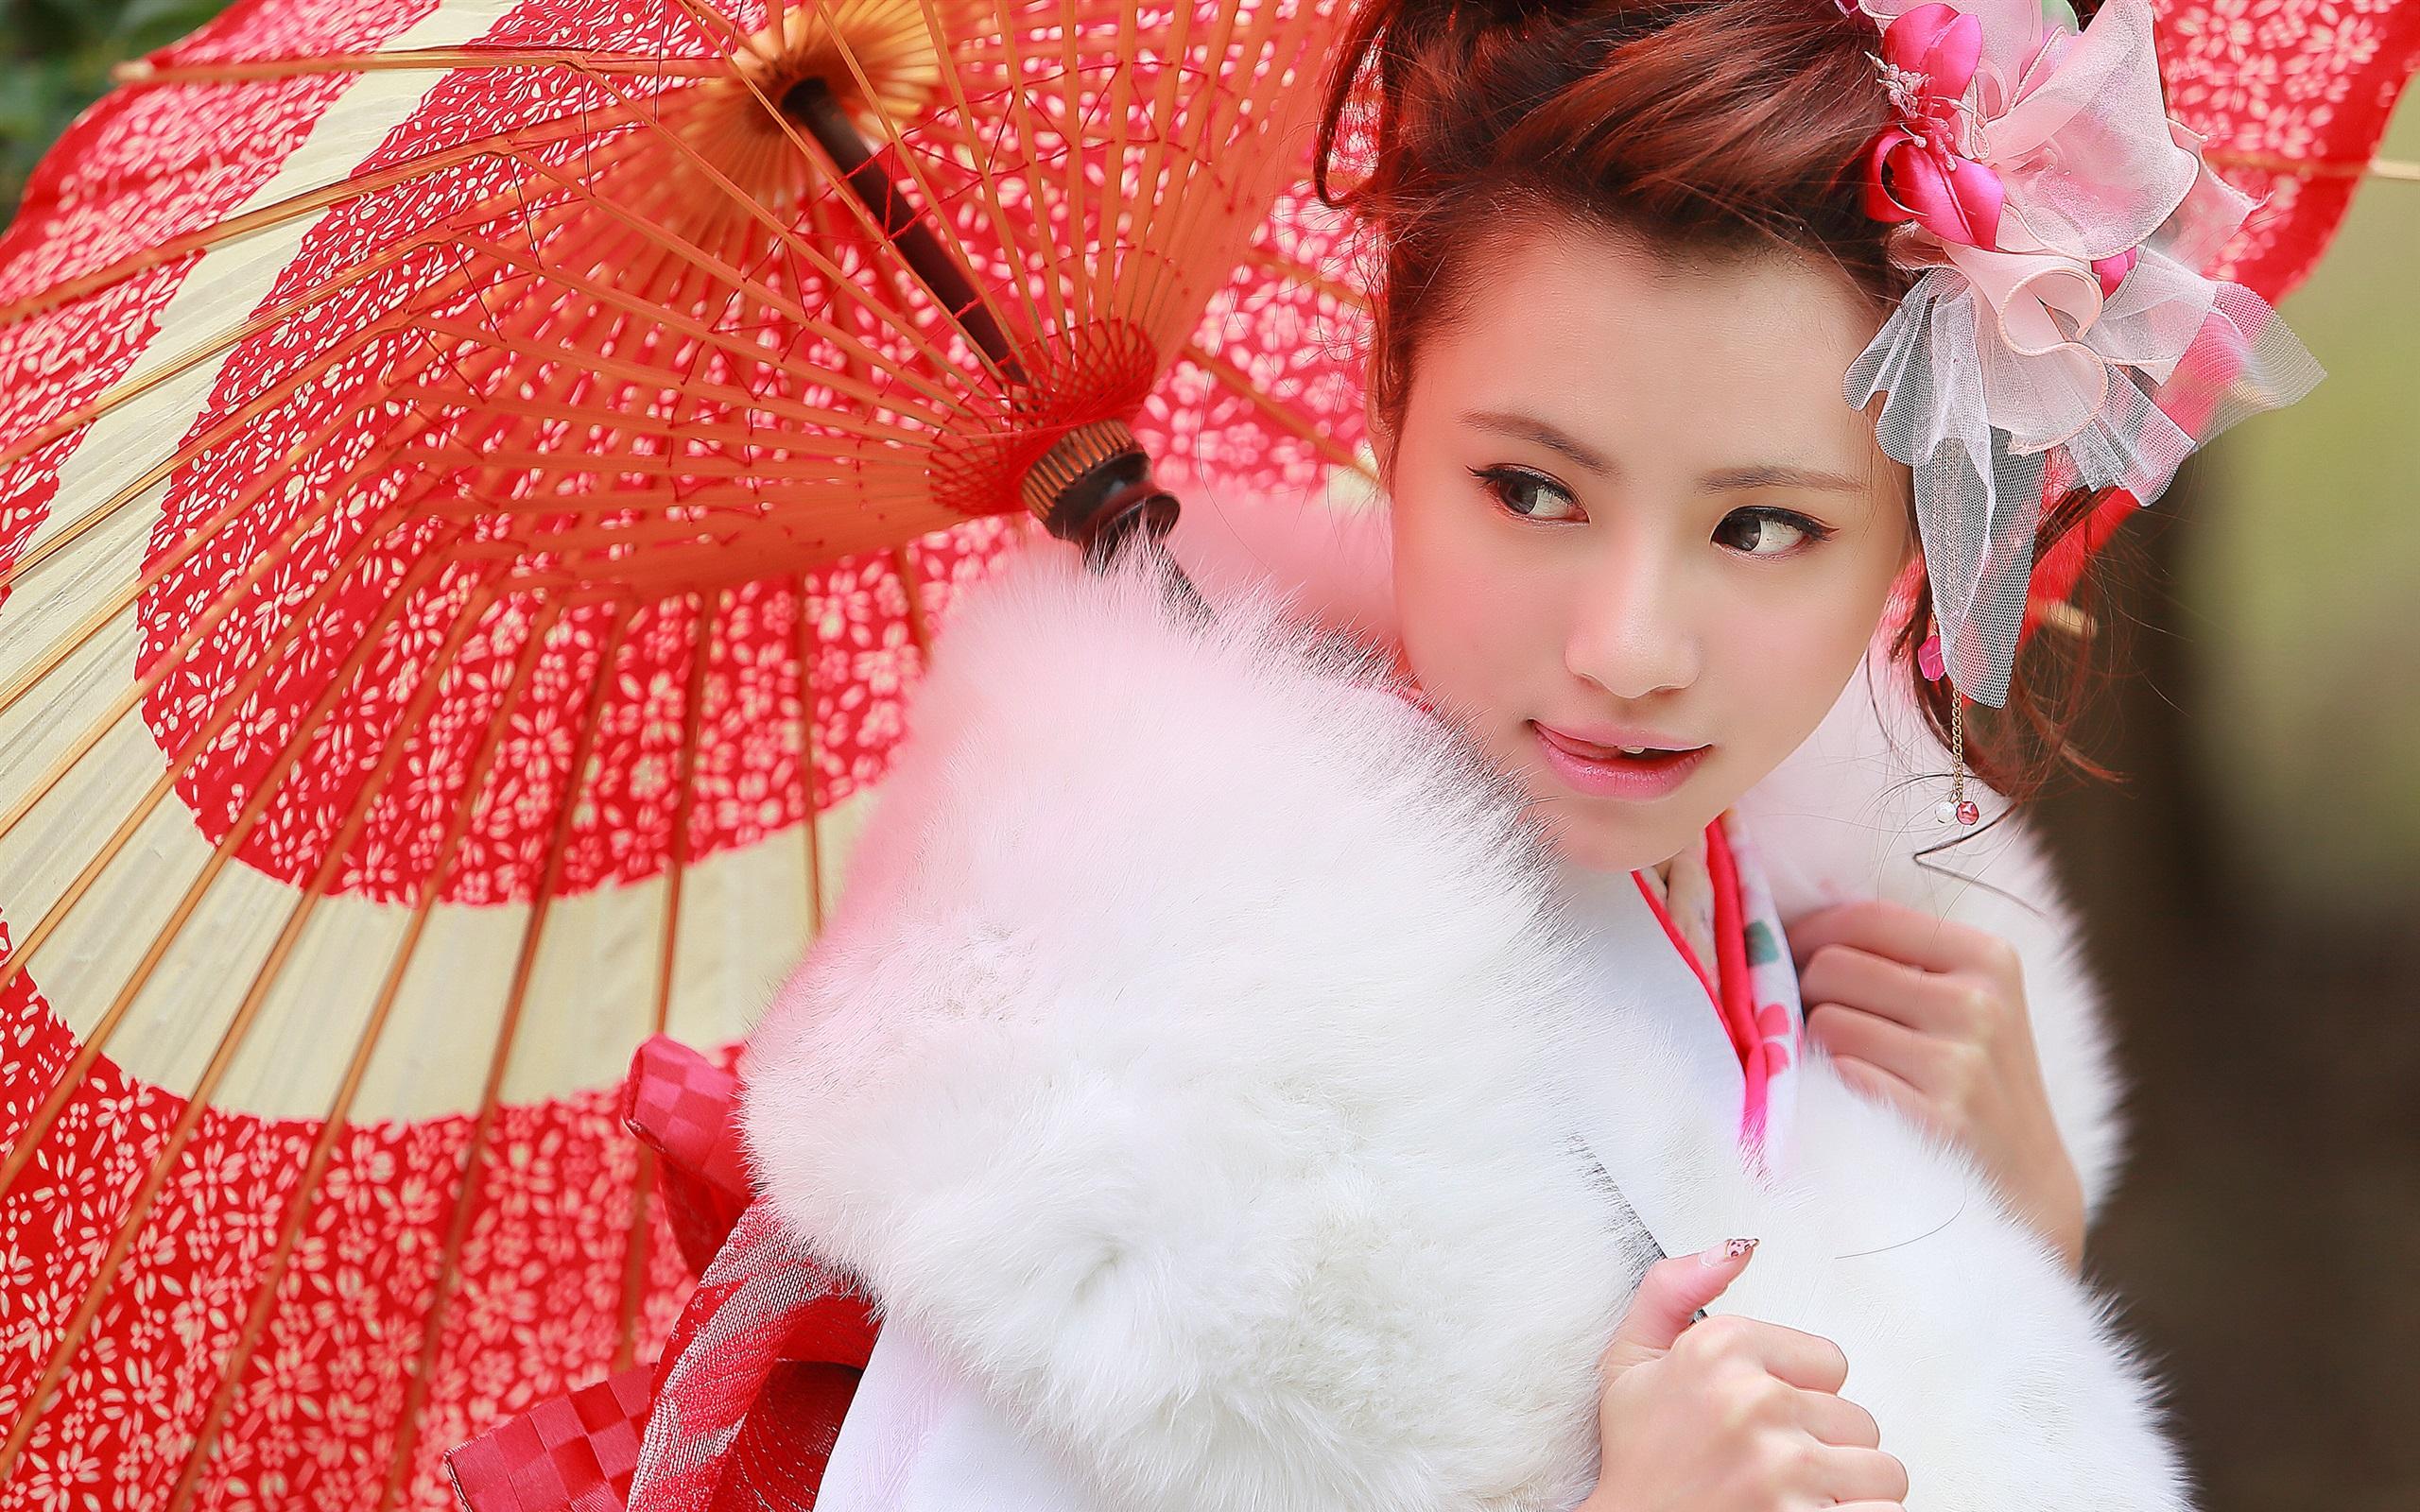 компании партнёр, красивые японки с зонтами картинки обнаженные знаменитости